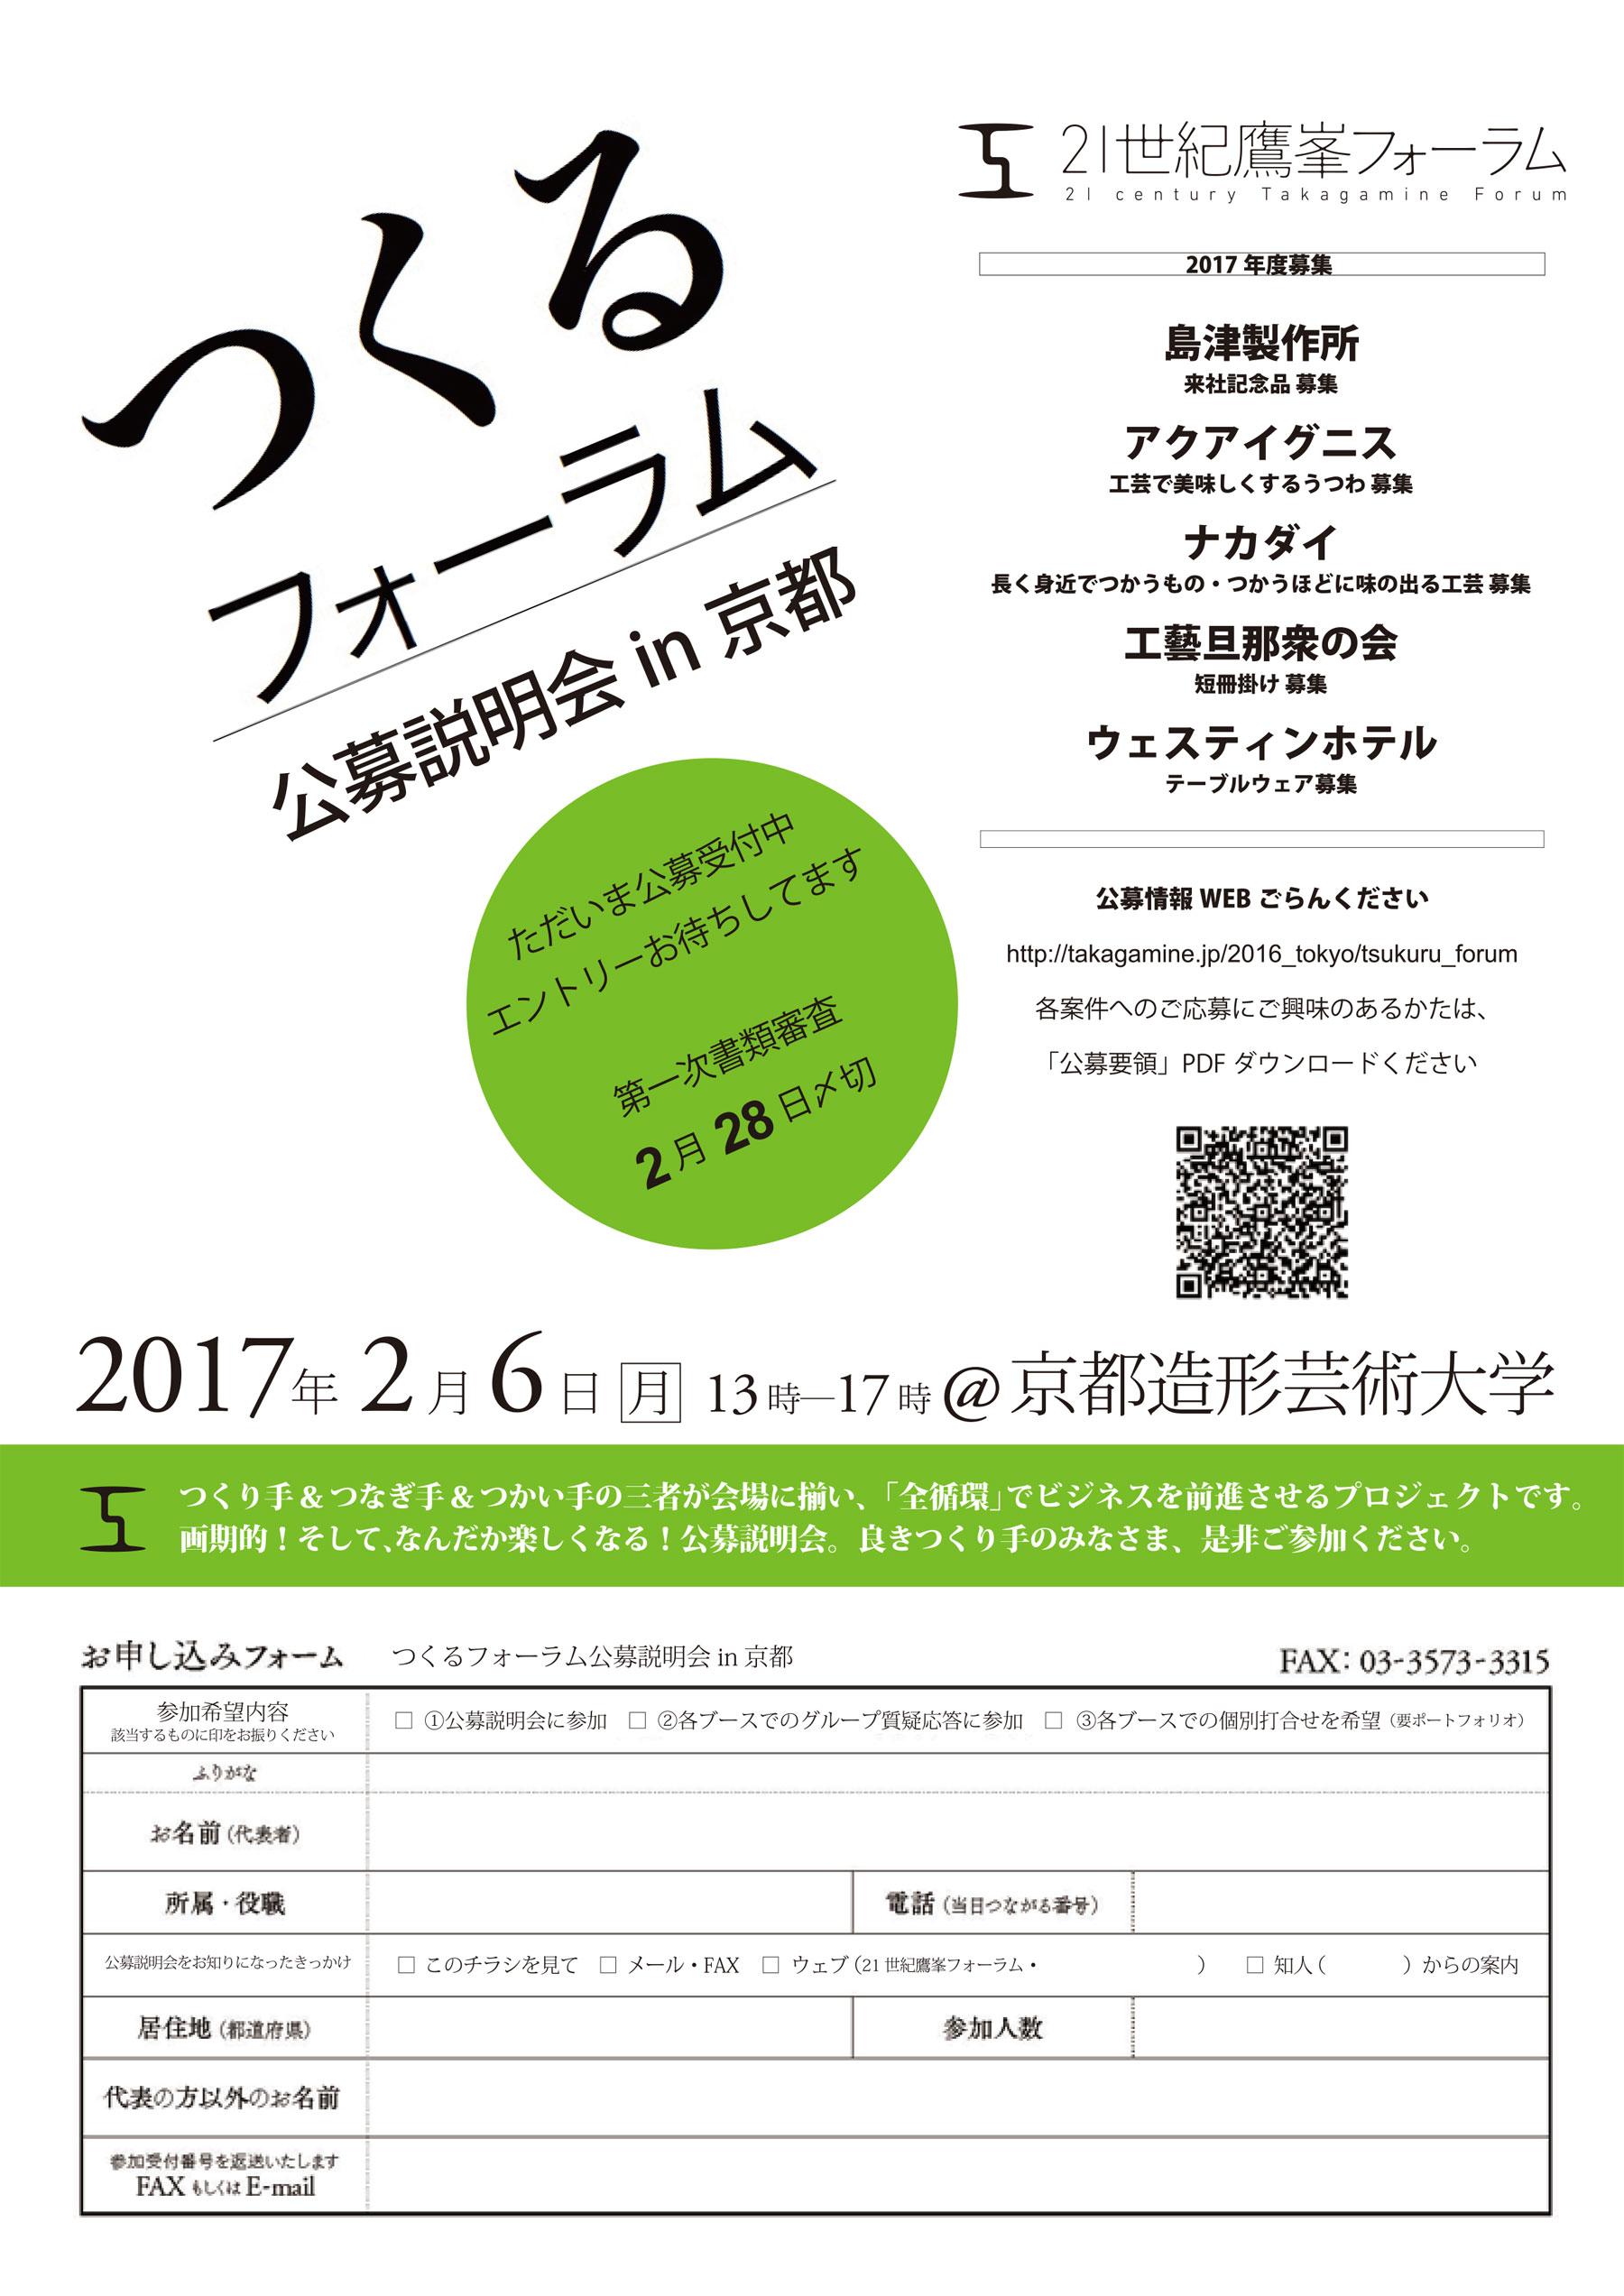 tsukuru_forum_ex_kyoto_1